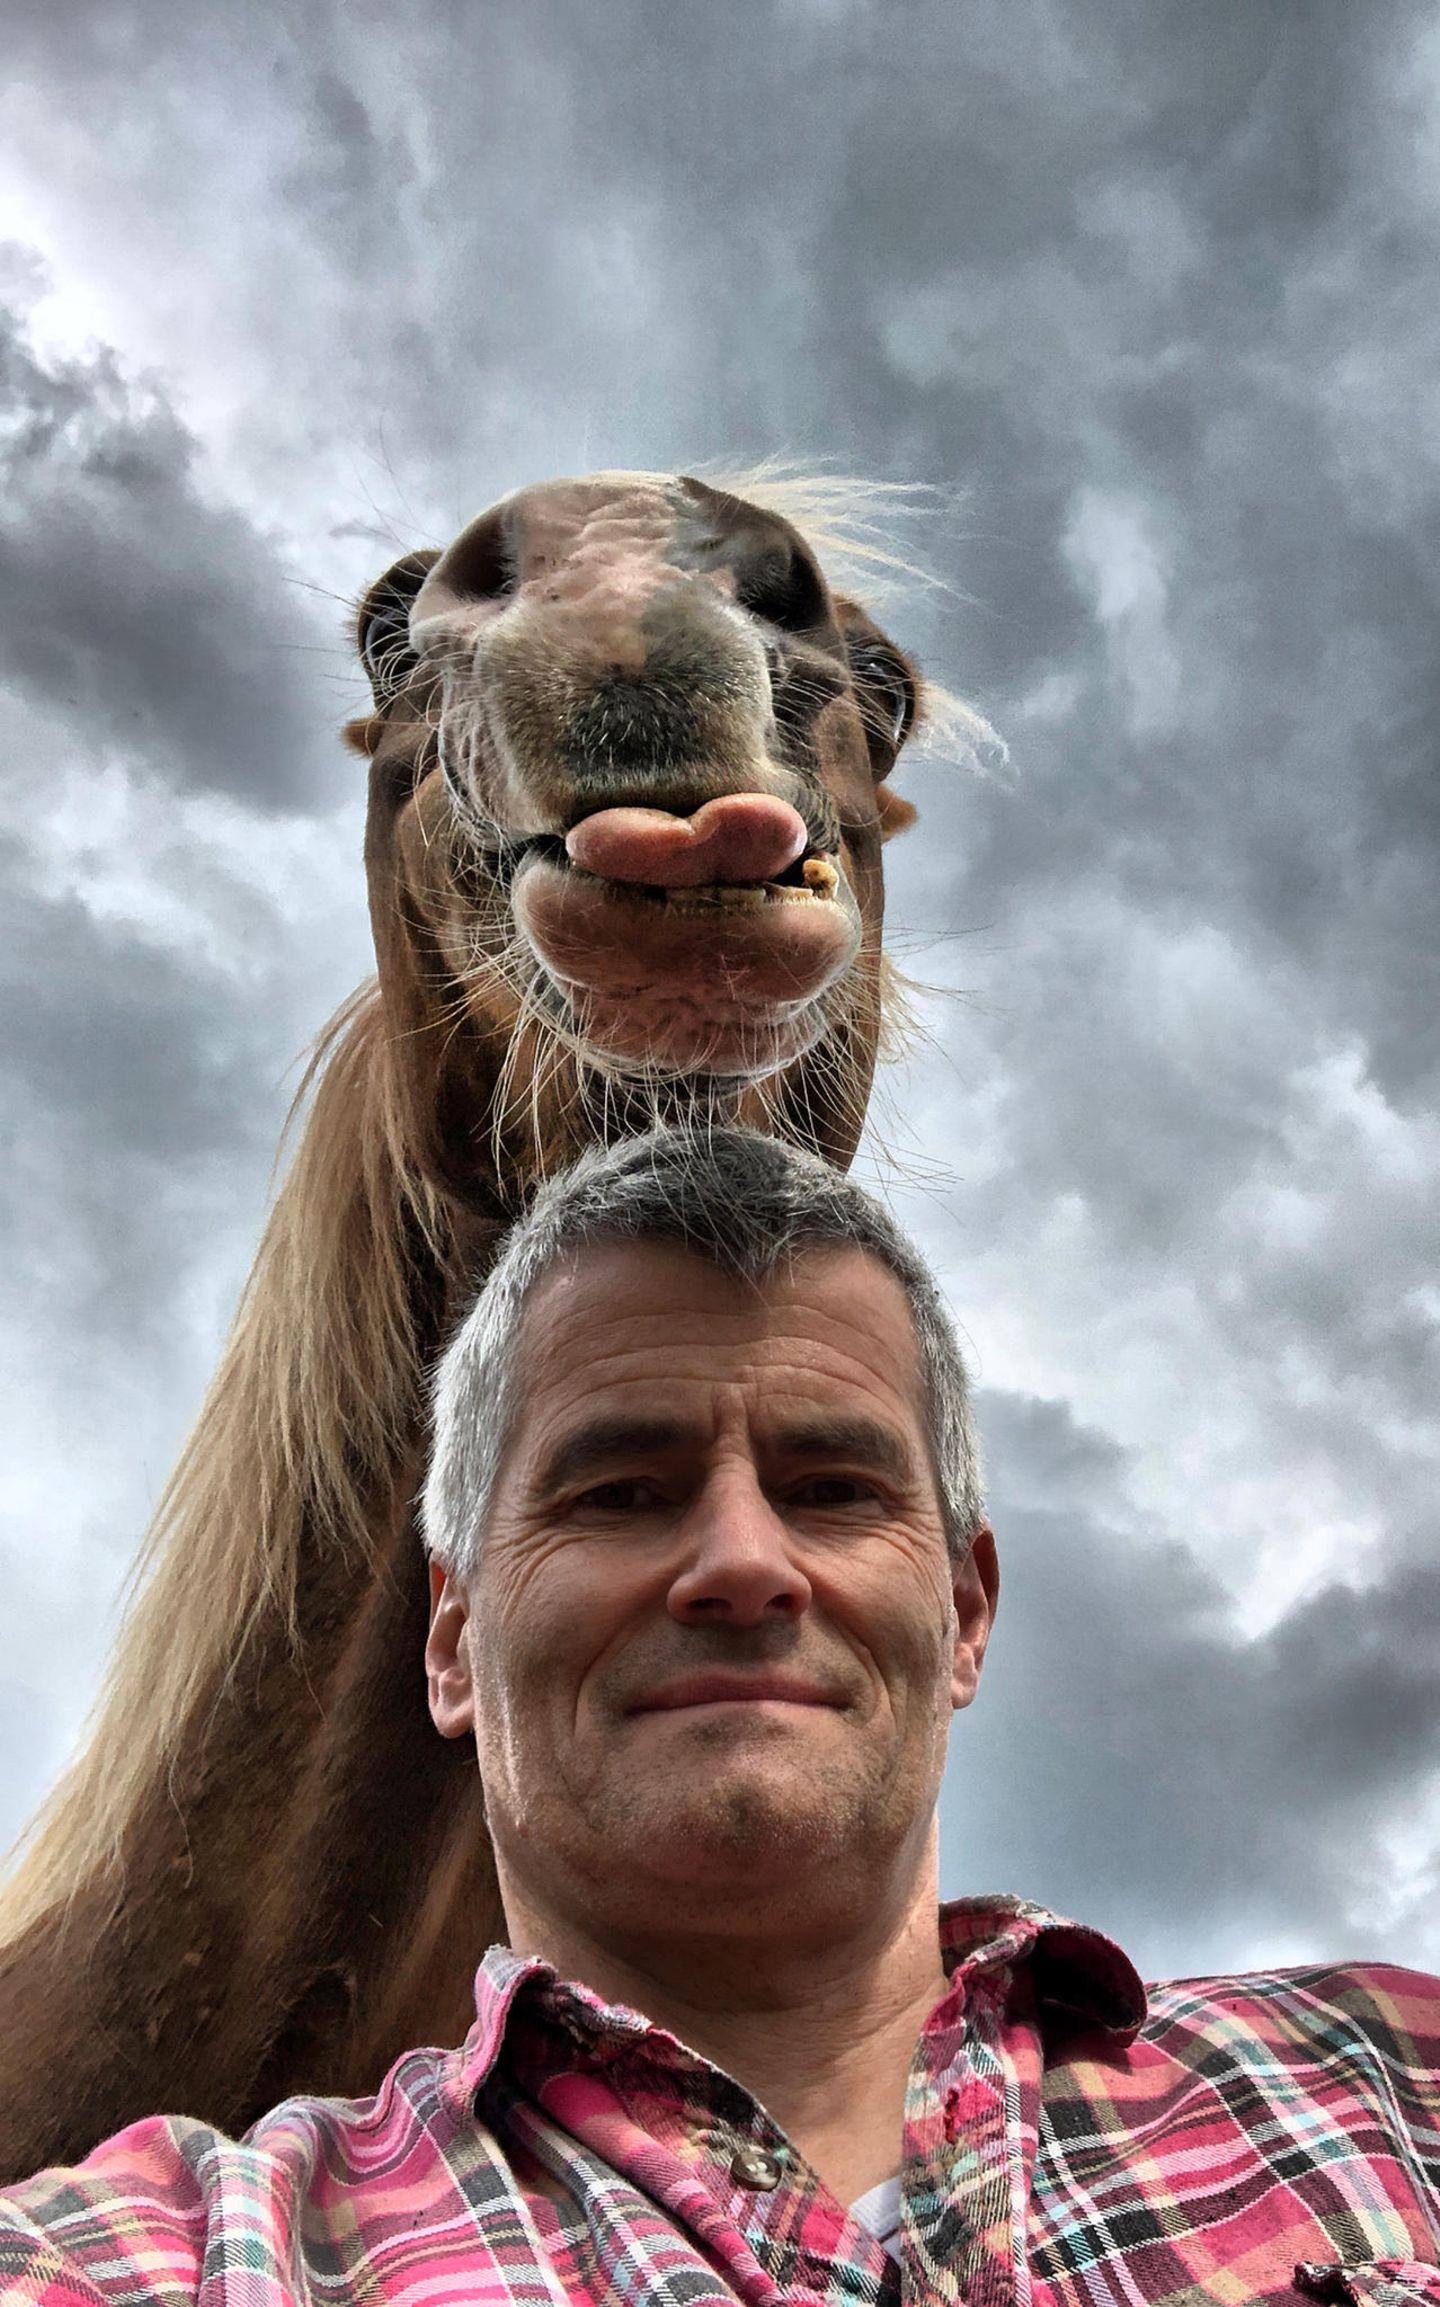 Haustier Fotowettbewerb: Pferd streckt Zunge raus